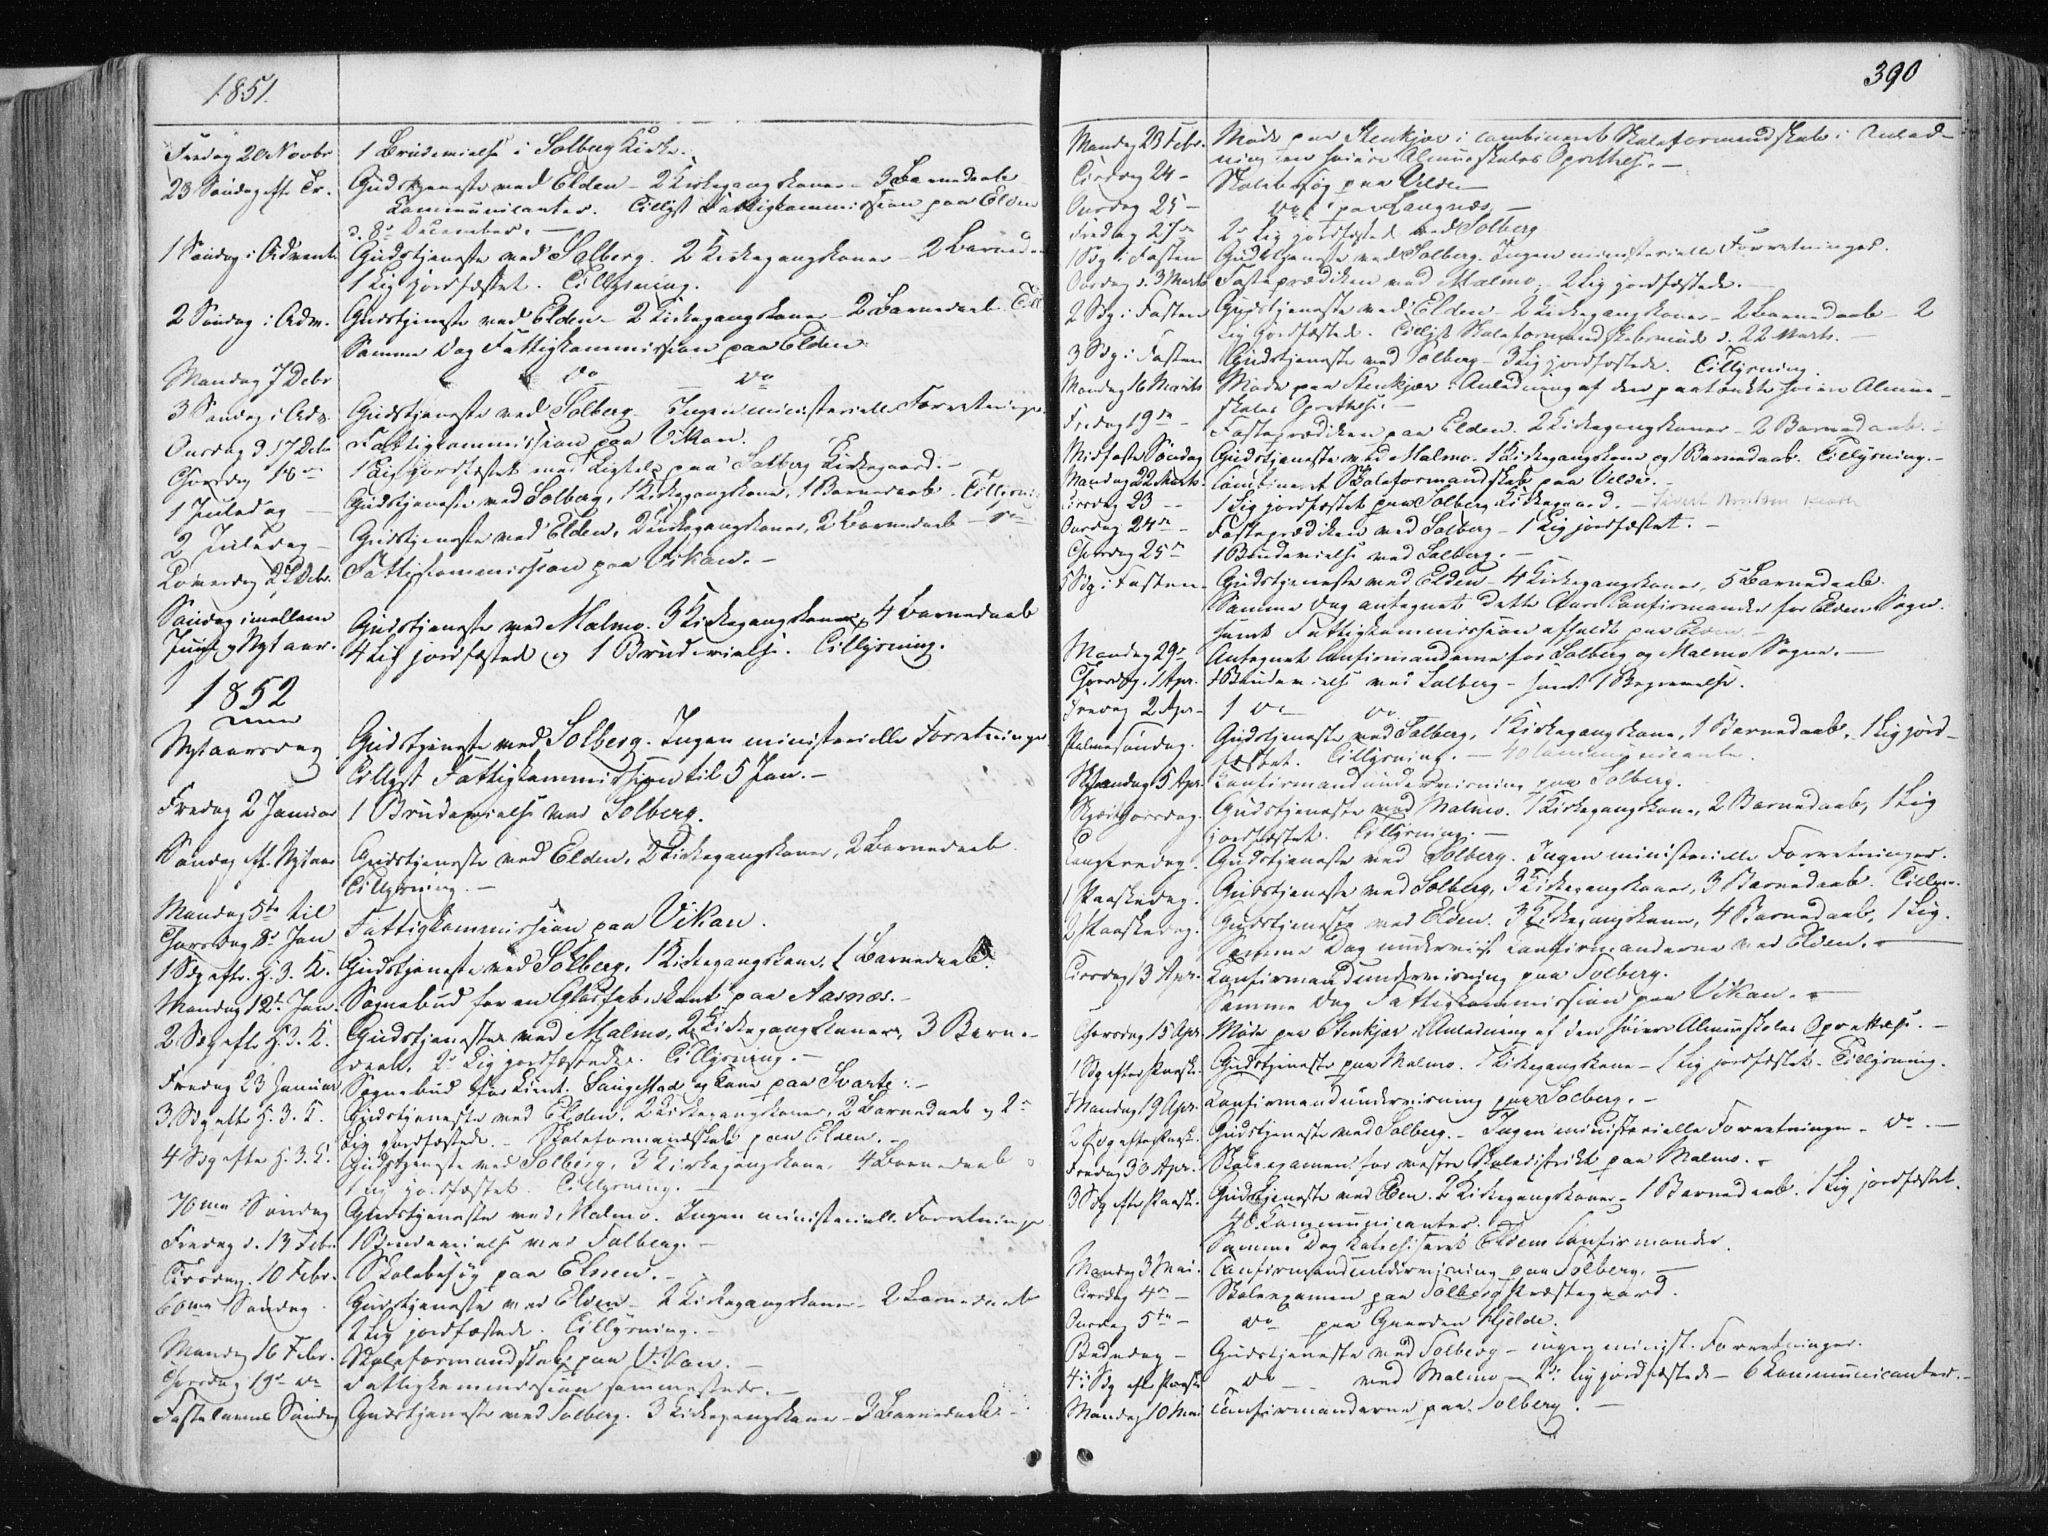 SAT, Ministerialprotokoller, klokkerbøker og fødselsregistre - Nord-Trøndelag, 741/L0393: Ministerialbok nr. 741A07, 1849-1863, s. 390